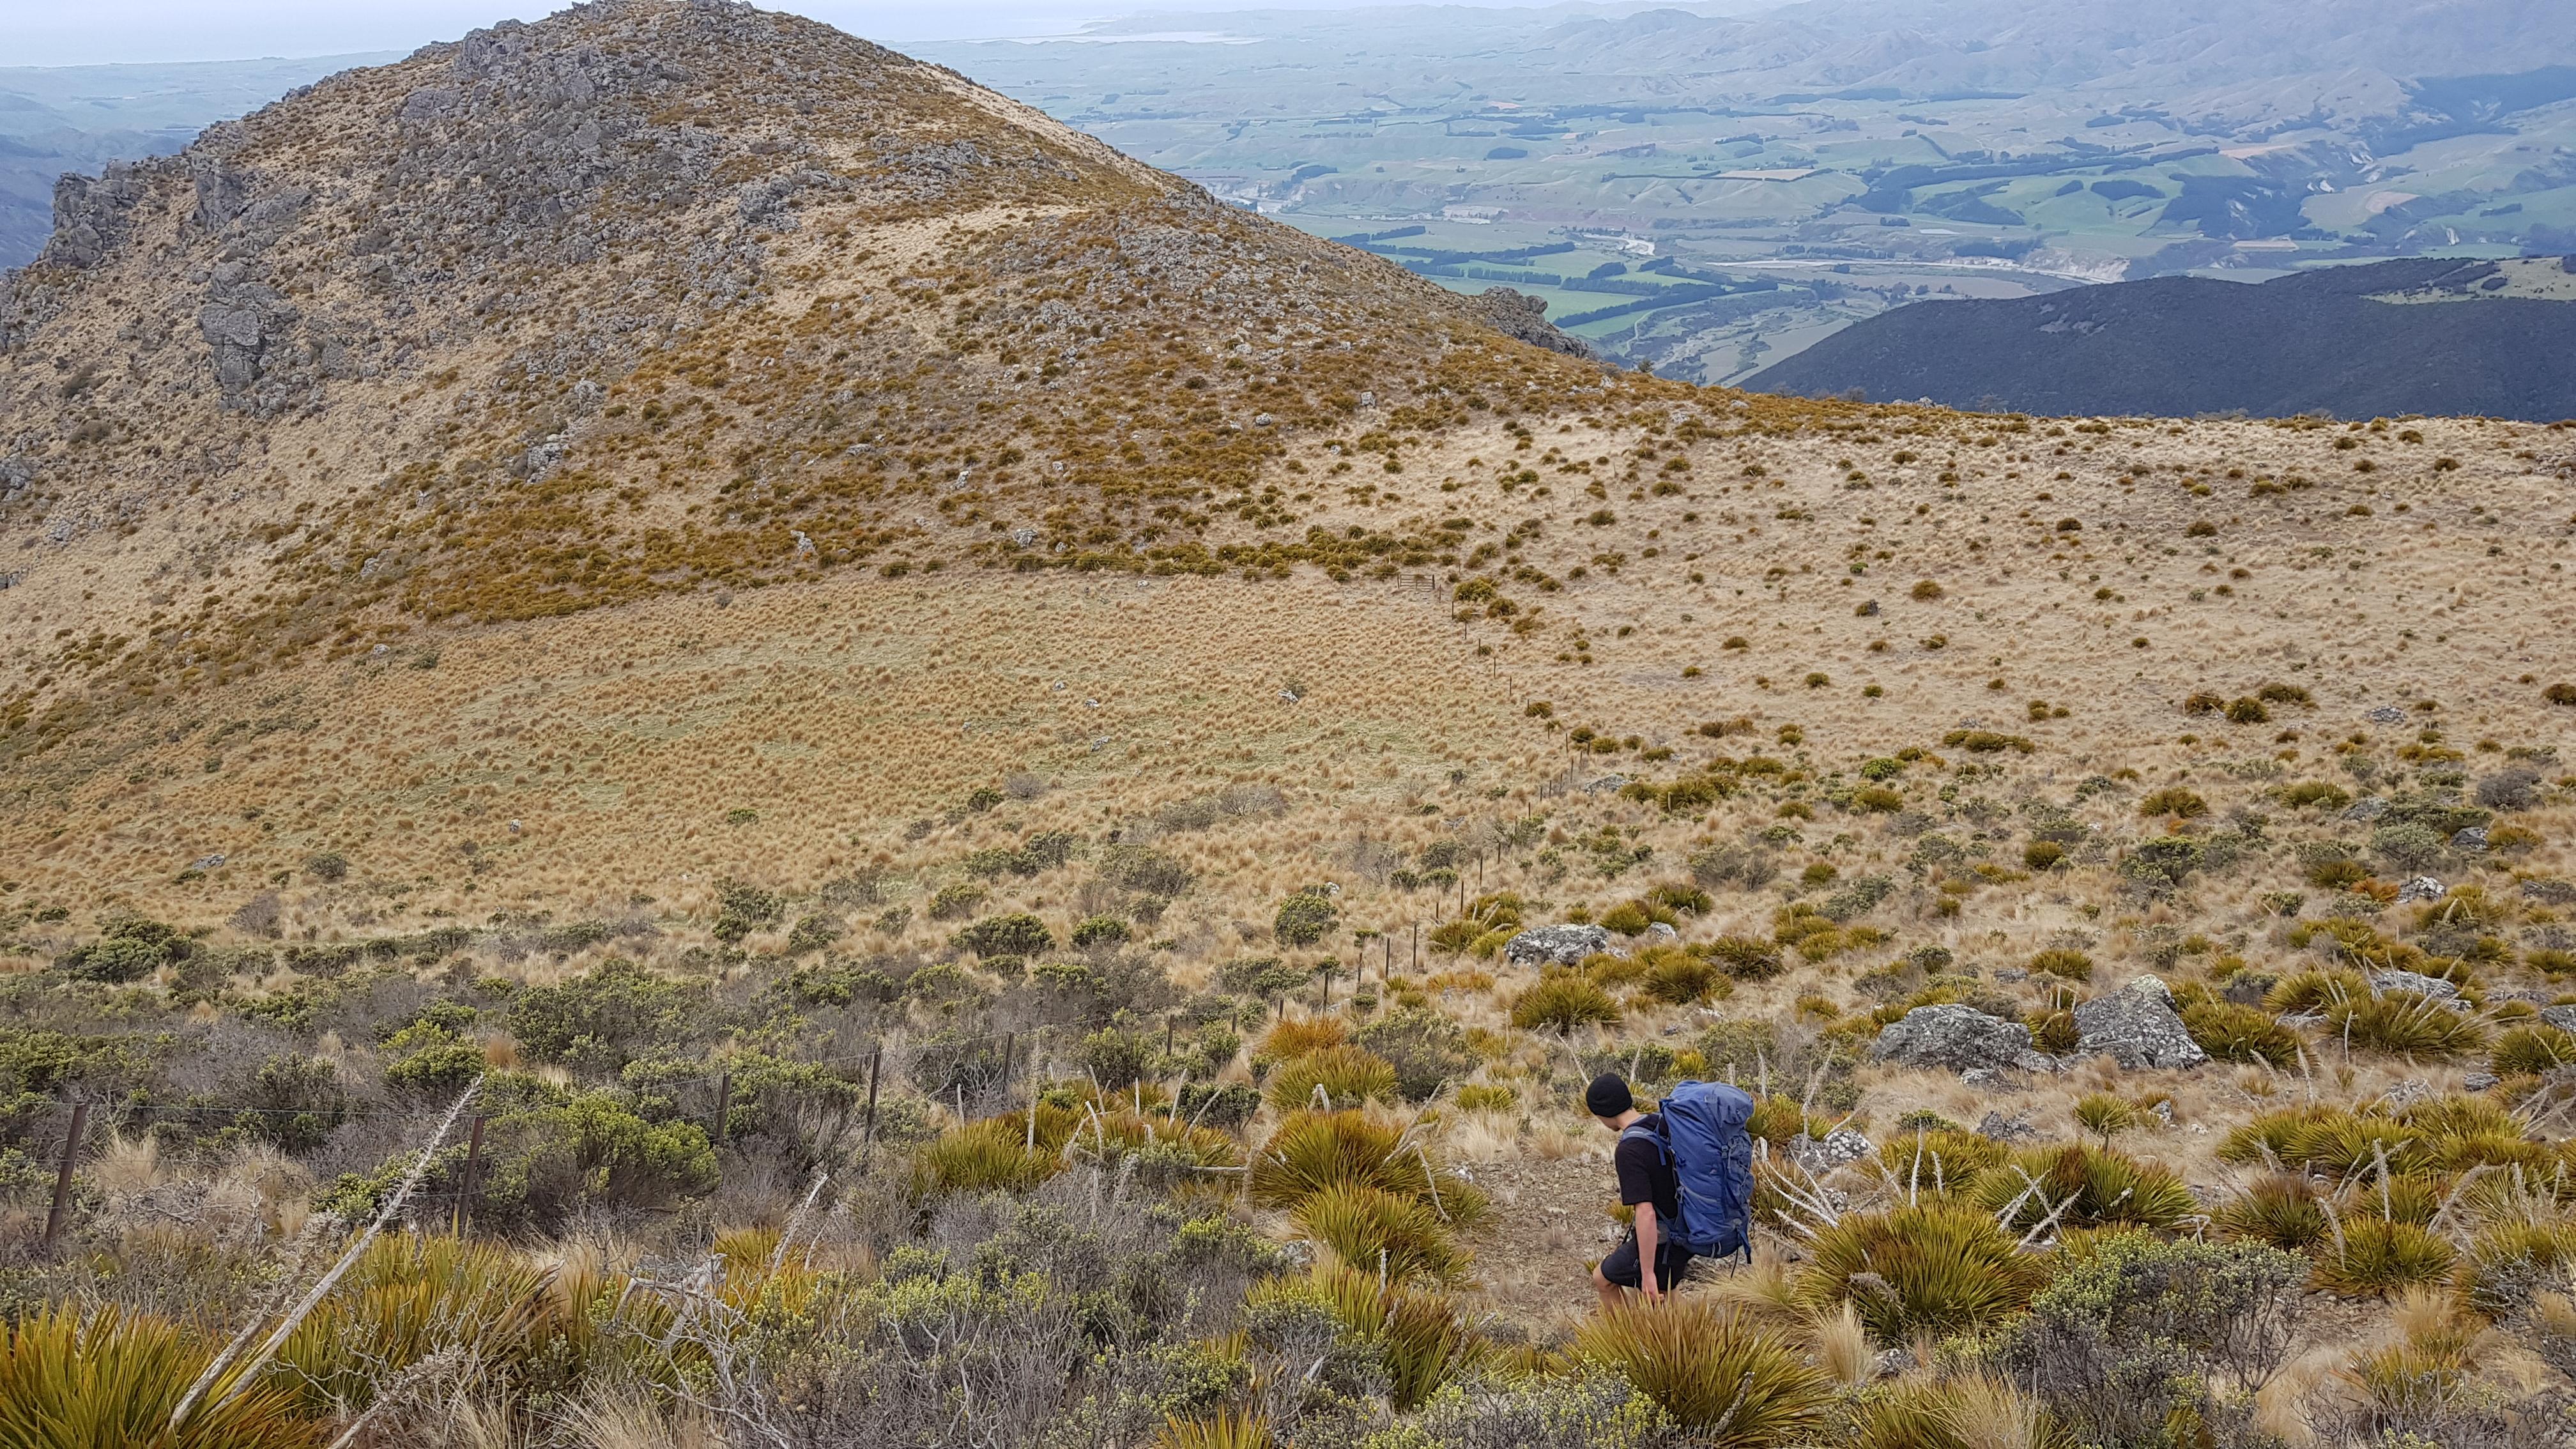 Heading down the Blairich range